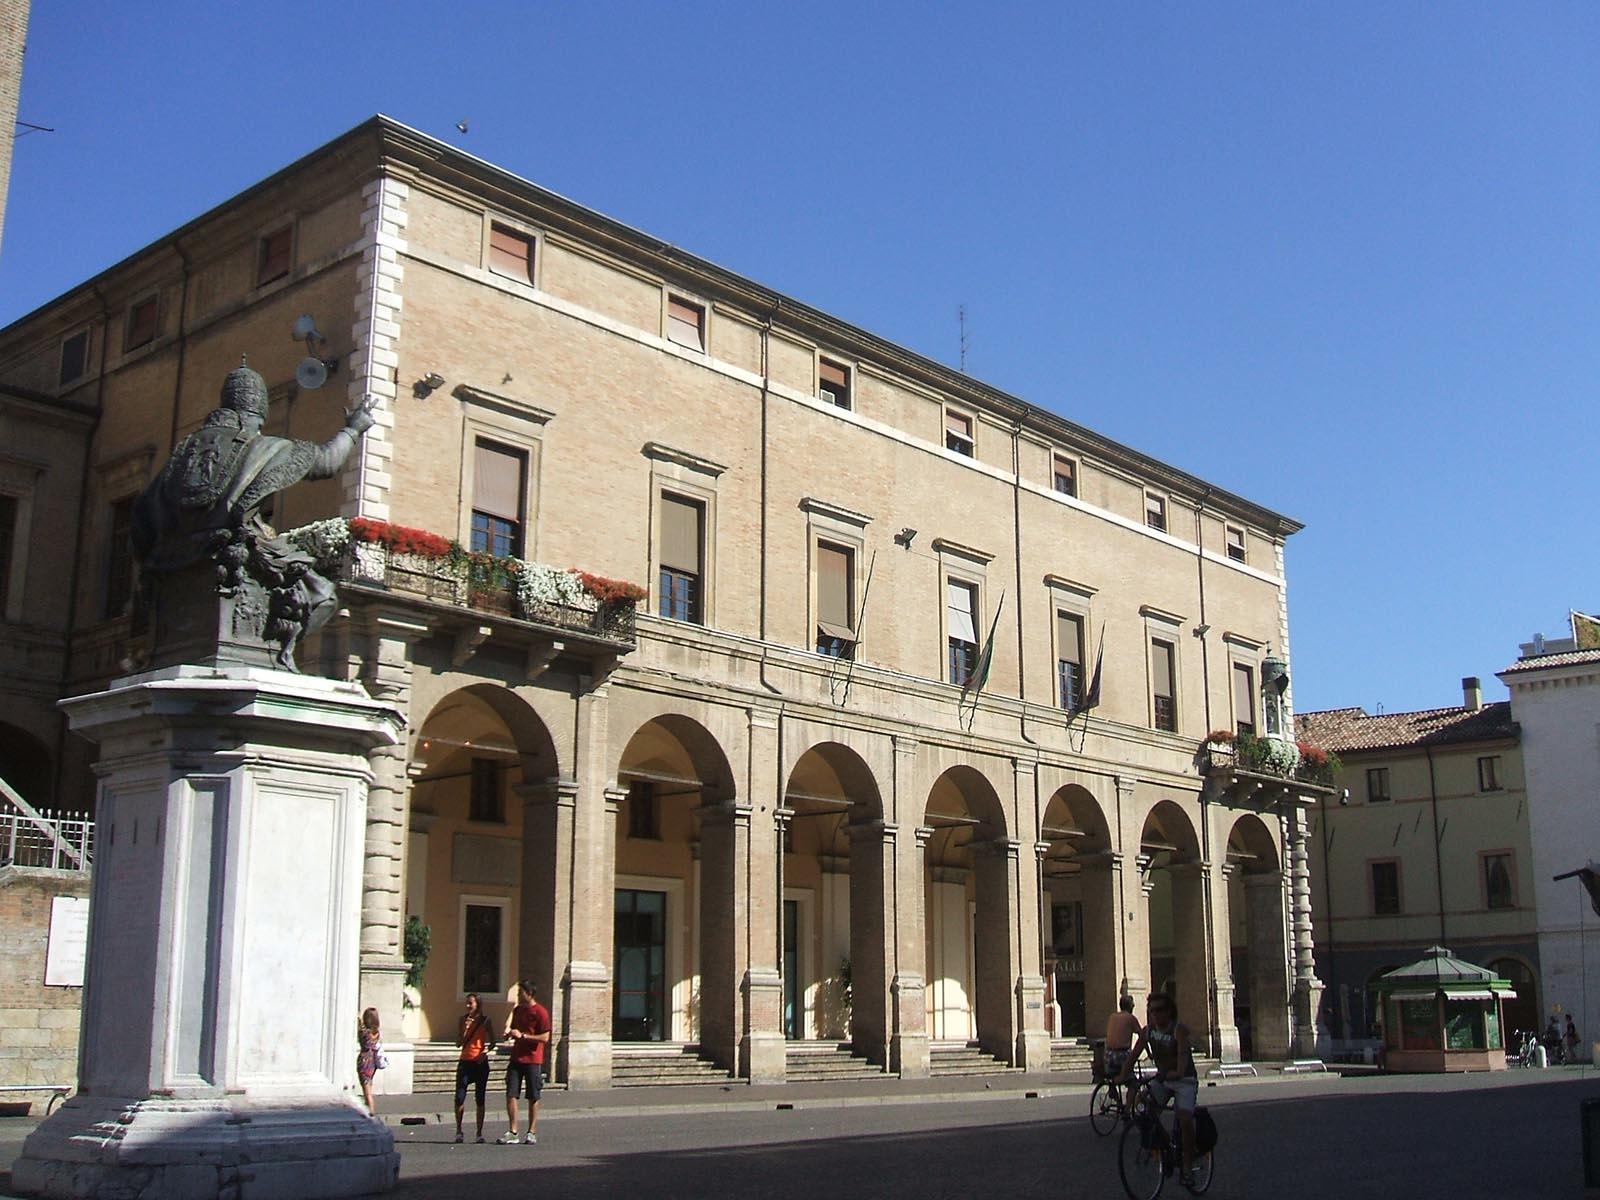 Per un alfabeto civile: <br />vedi alla voce <br />P come Pagamenti. <br />(E brava, Rimini!)